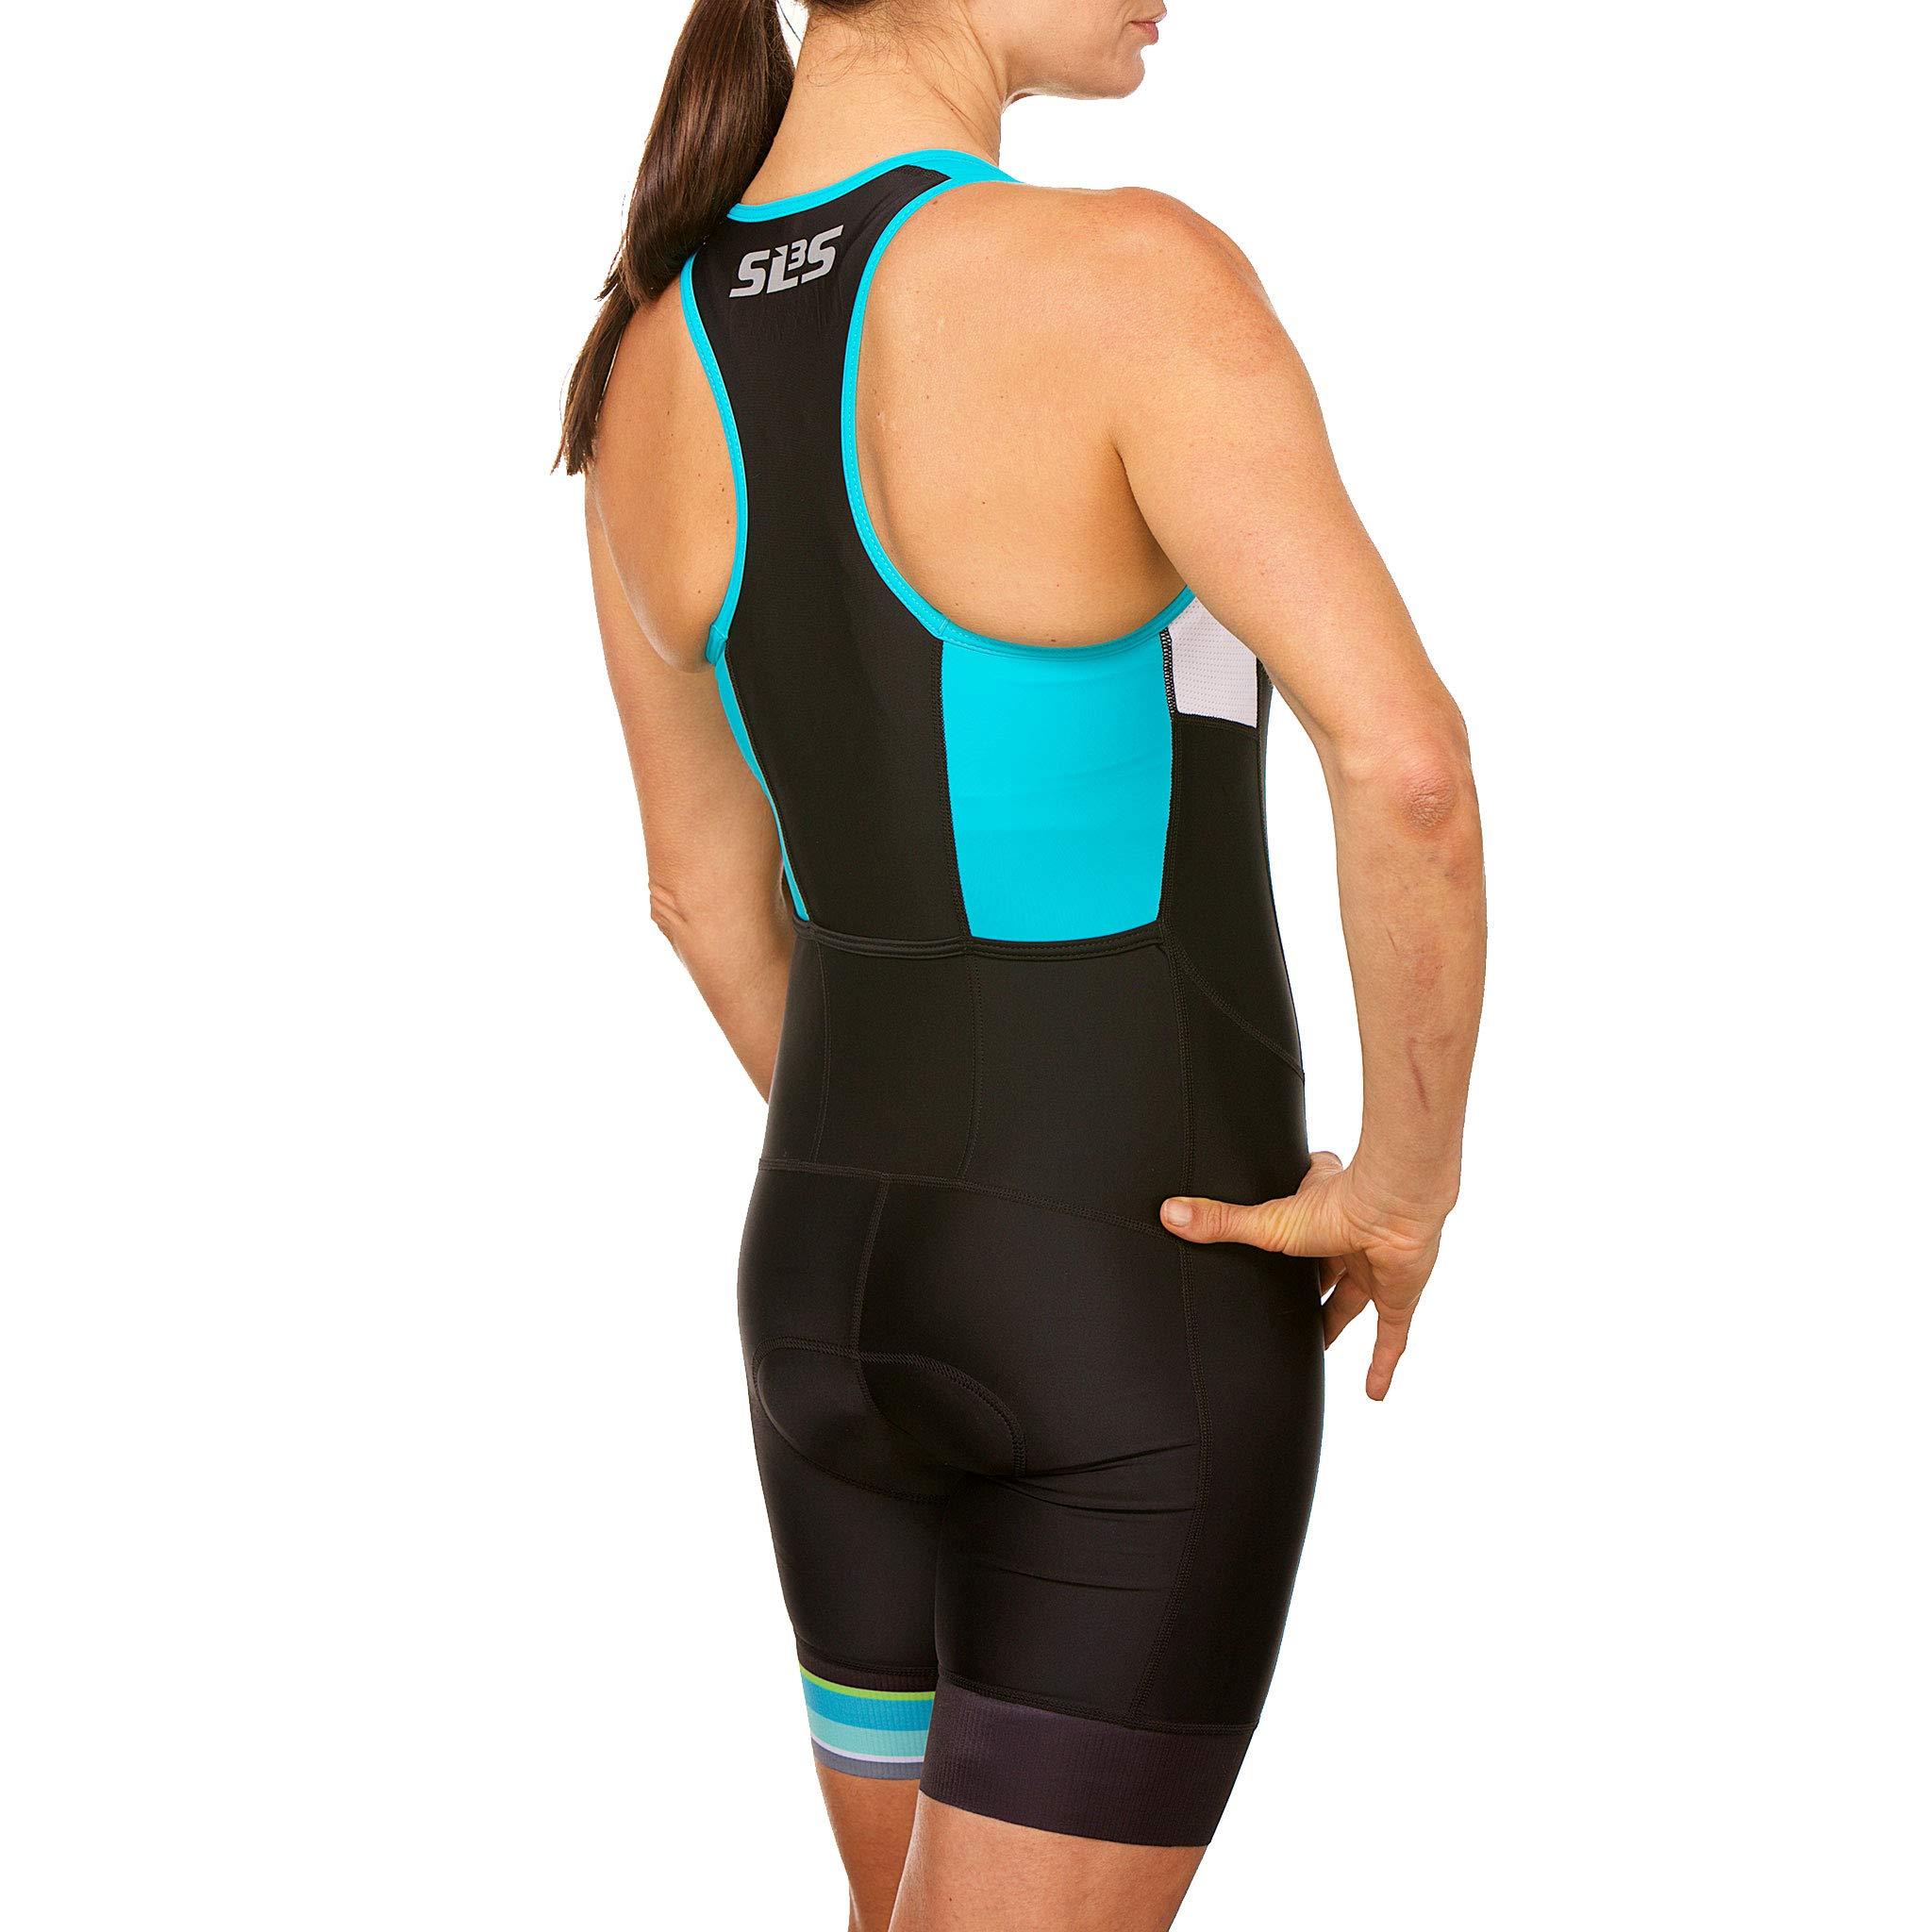 SLS3 Women`s Triathlon Tri Race Suit FRT | Womens Trisuit | Back Pocket Triathlon Suits | Anti-Friction Seams | German Designed (Black/Martinica Blue, XS) by SLS3 (Image #5)